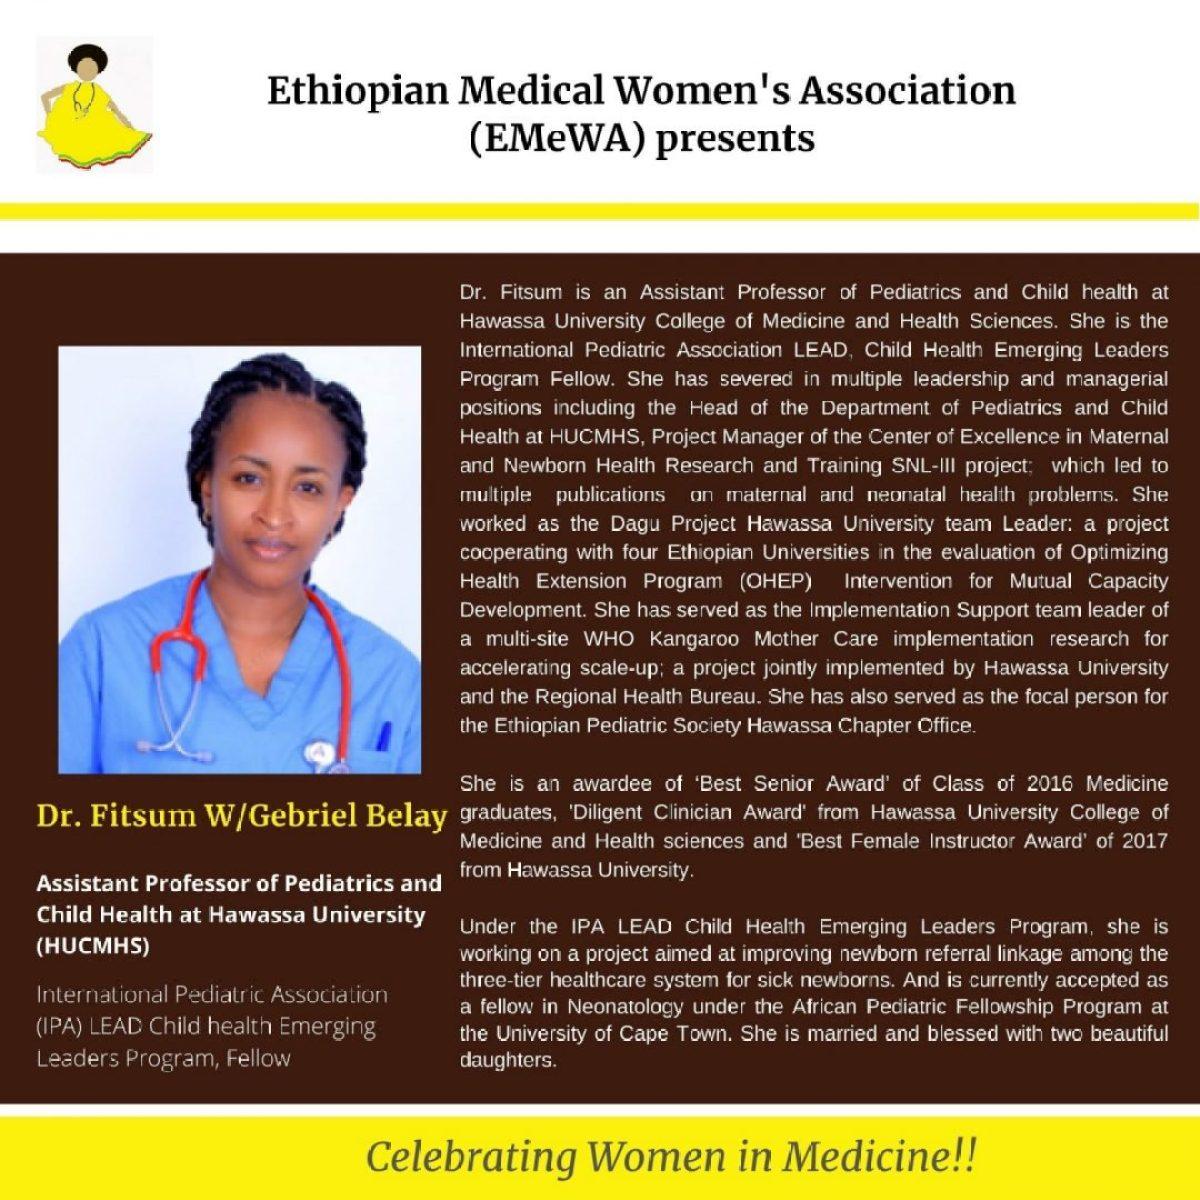 Celebrating Ethiopian Women in Medicine alegria gambo alegria sin fronteras etiopia